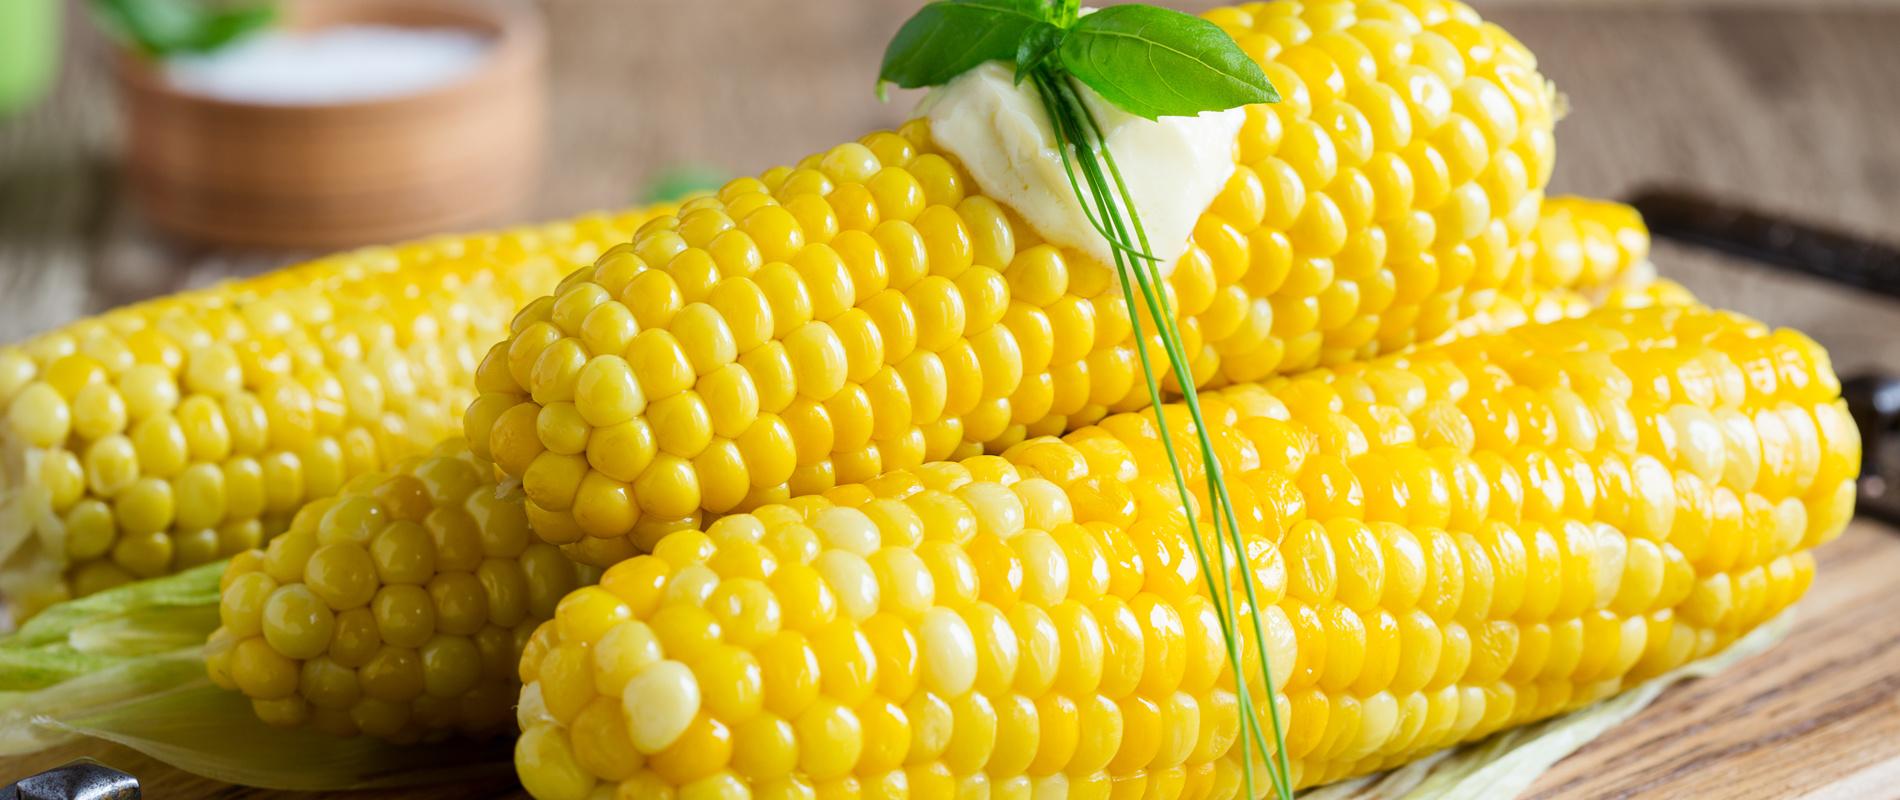 kukoricacover